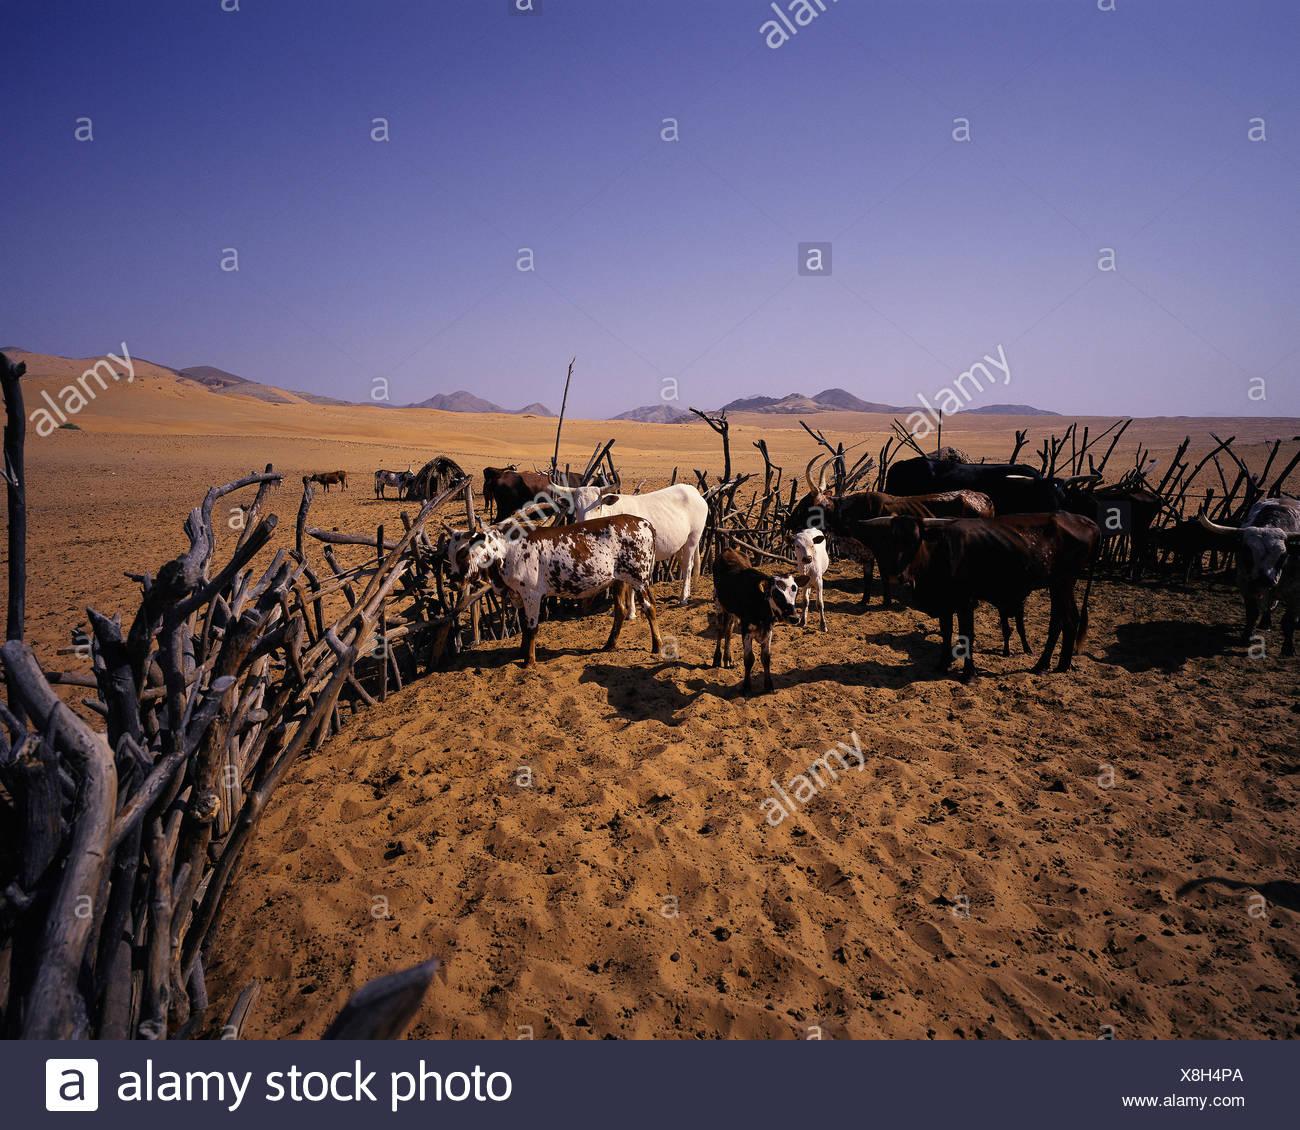 Kraal de bovins dans la région de la rivière Kunene, Namibie, Afrique Banque D'Images